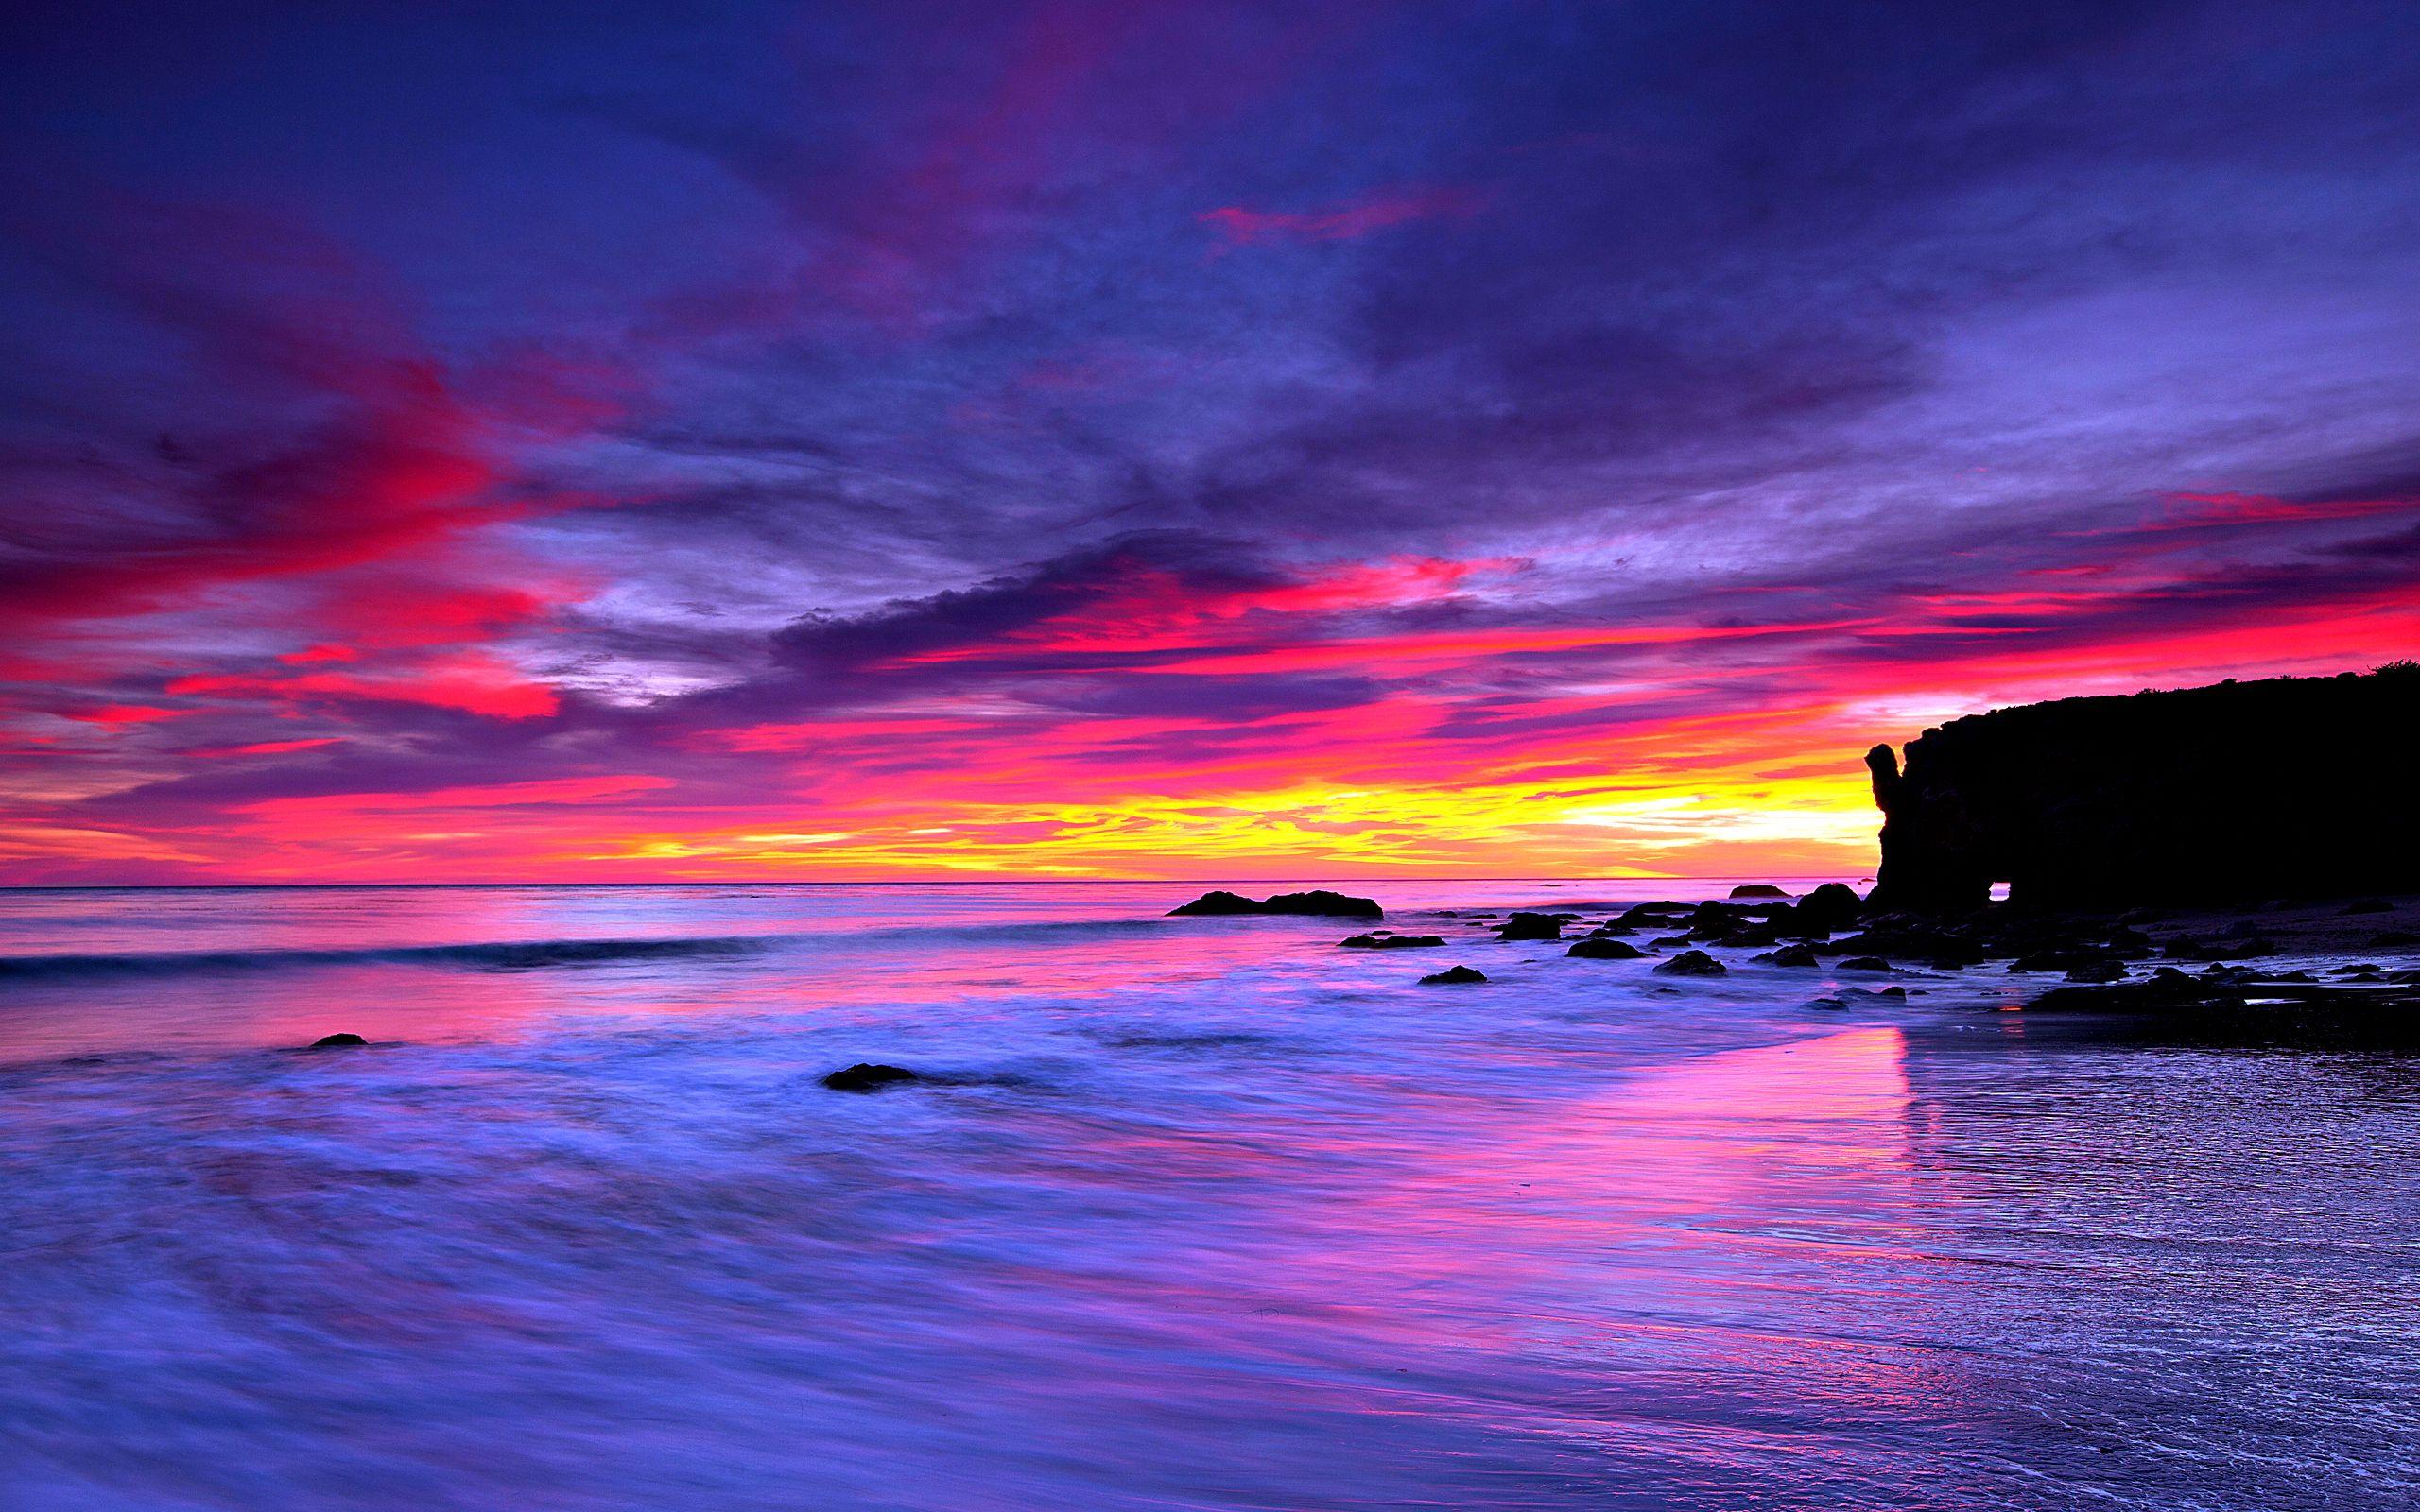 Beautiful Sea Wallpaper HD Freetopwallpaper. Colorway